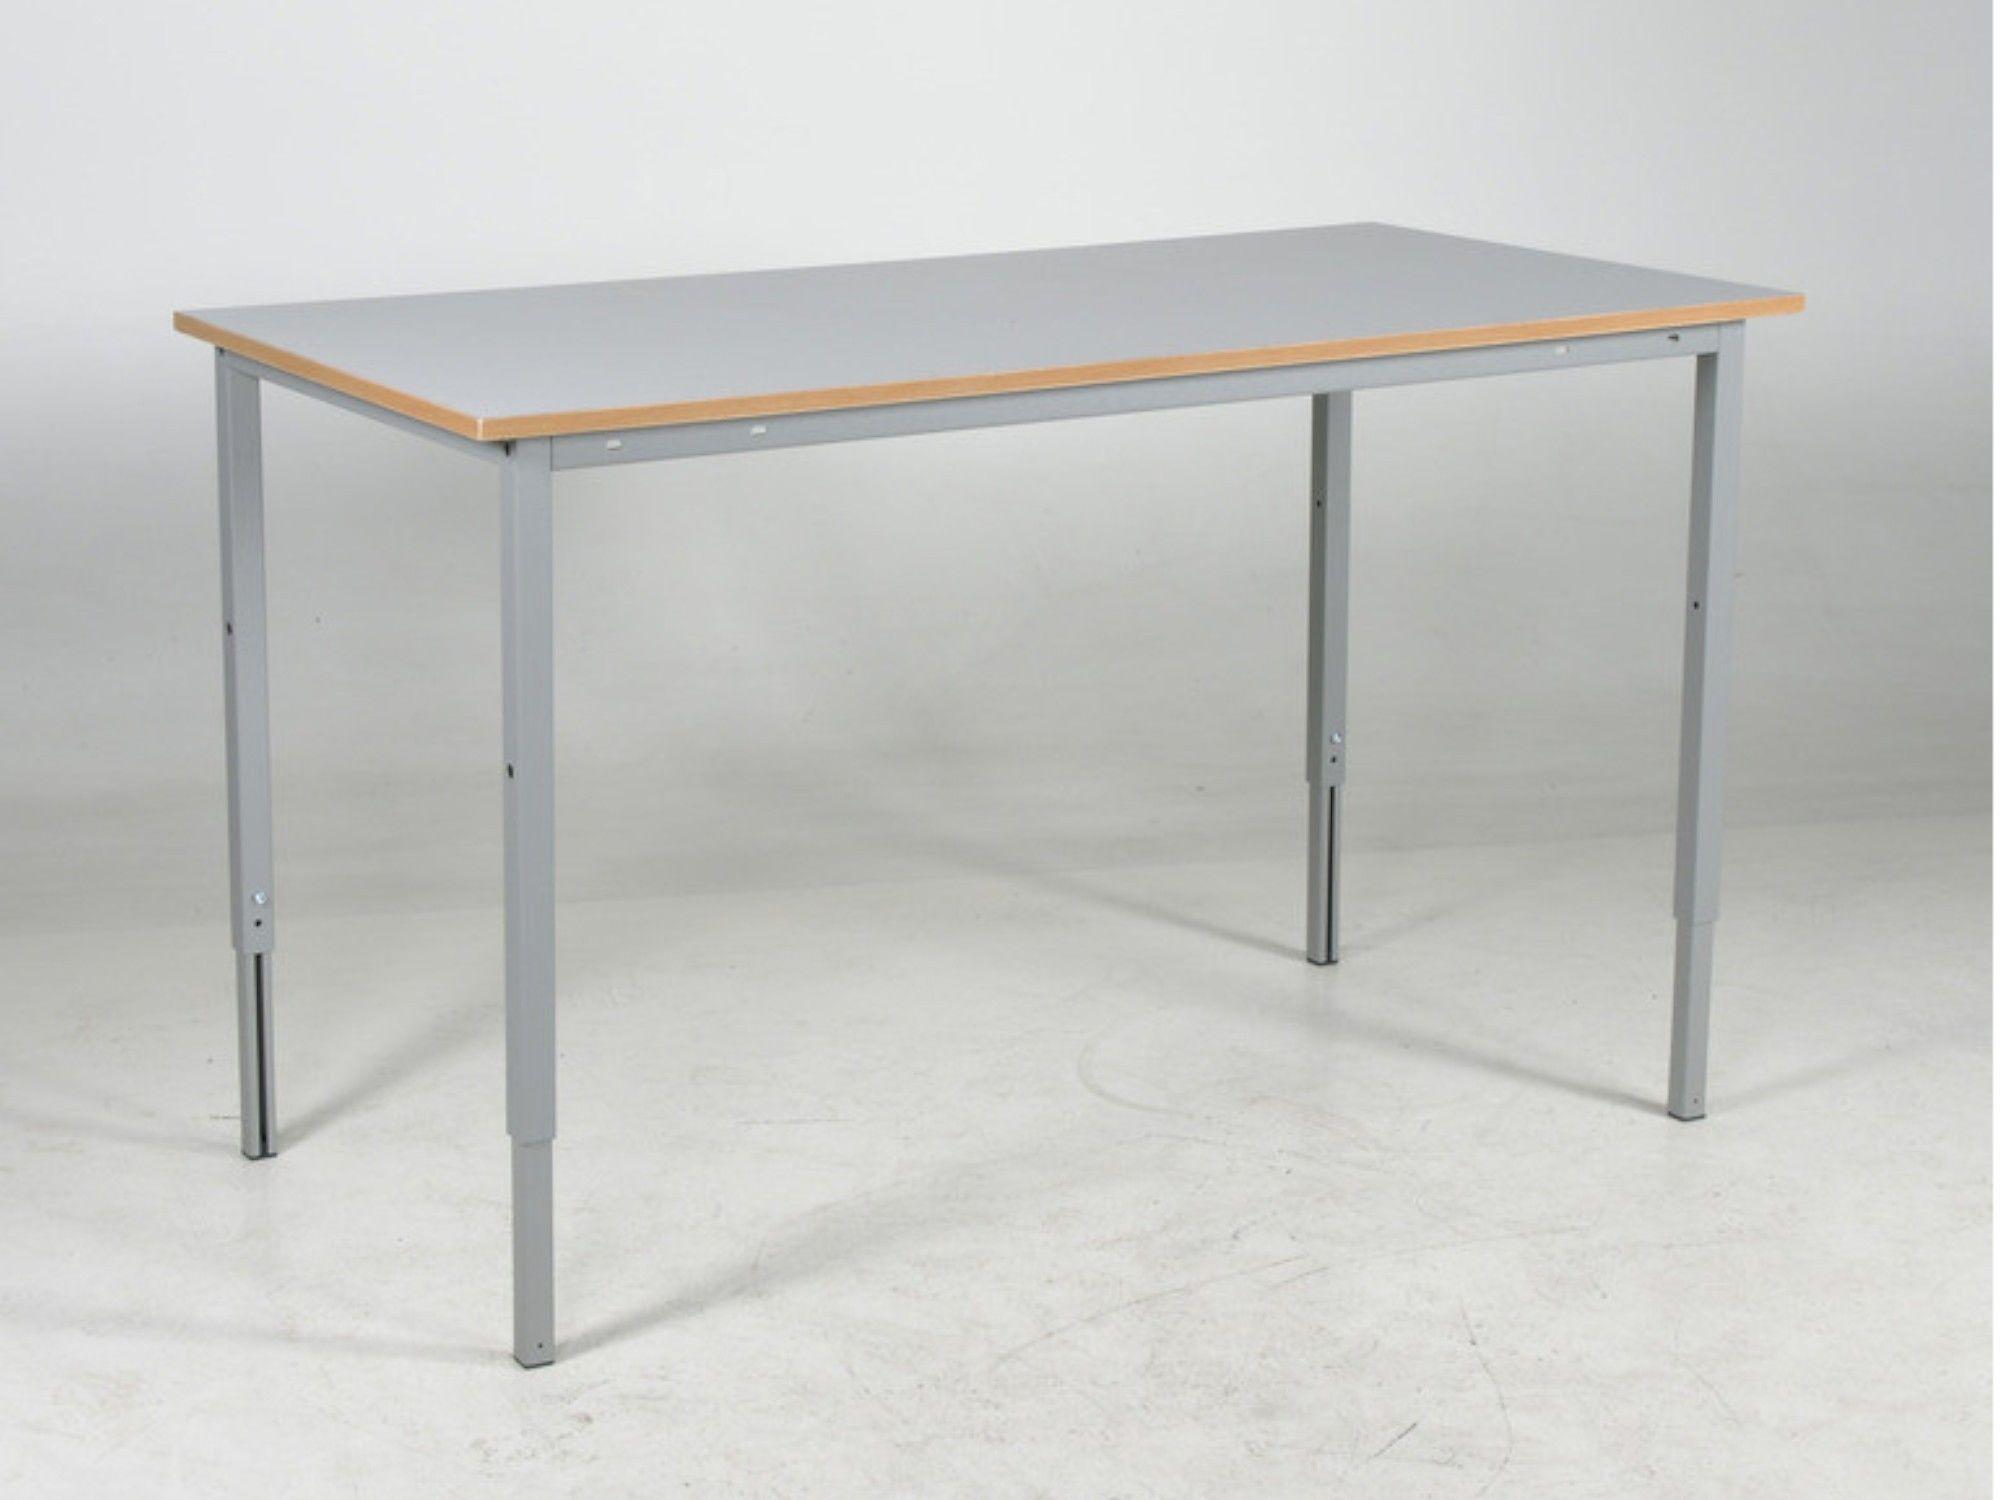 Stół roboczy warsztatowy, regulowany manualnie, blat 1600mm, 150 kg